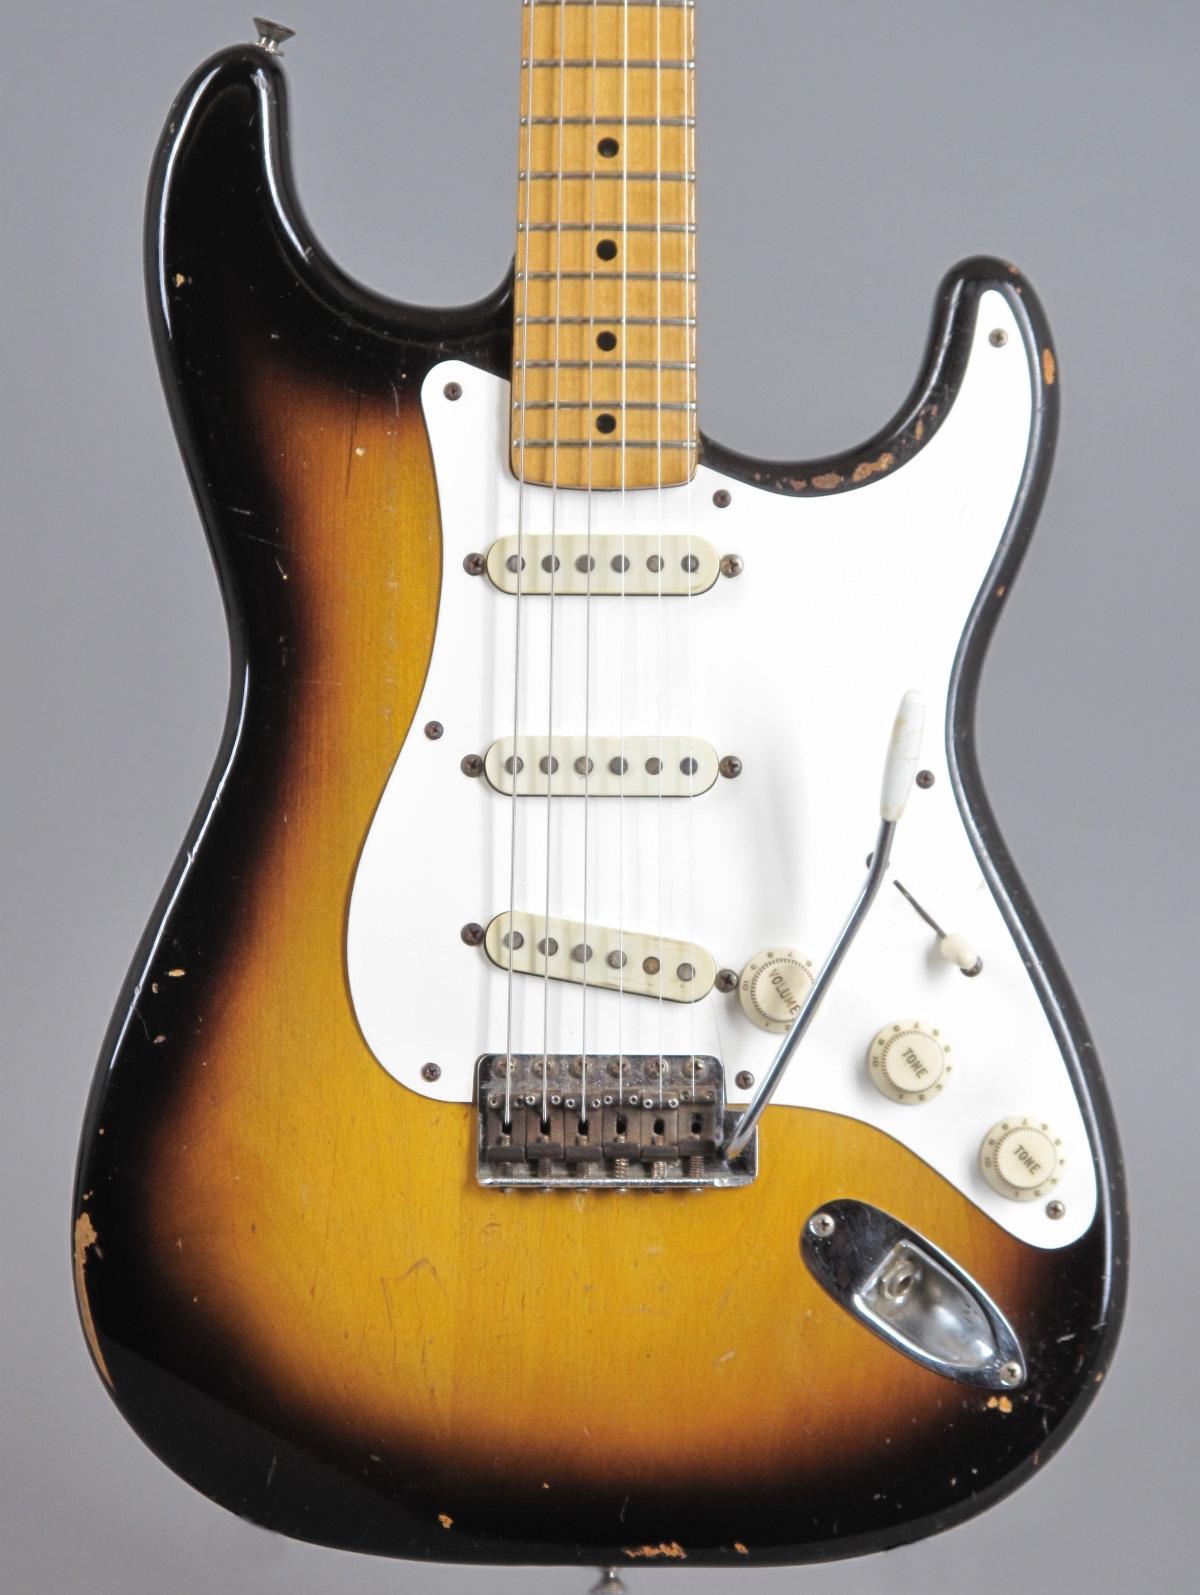 1957 Fender Stratocaster - 2-tone Sunburst  ...only 3,29 Kg !!!